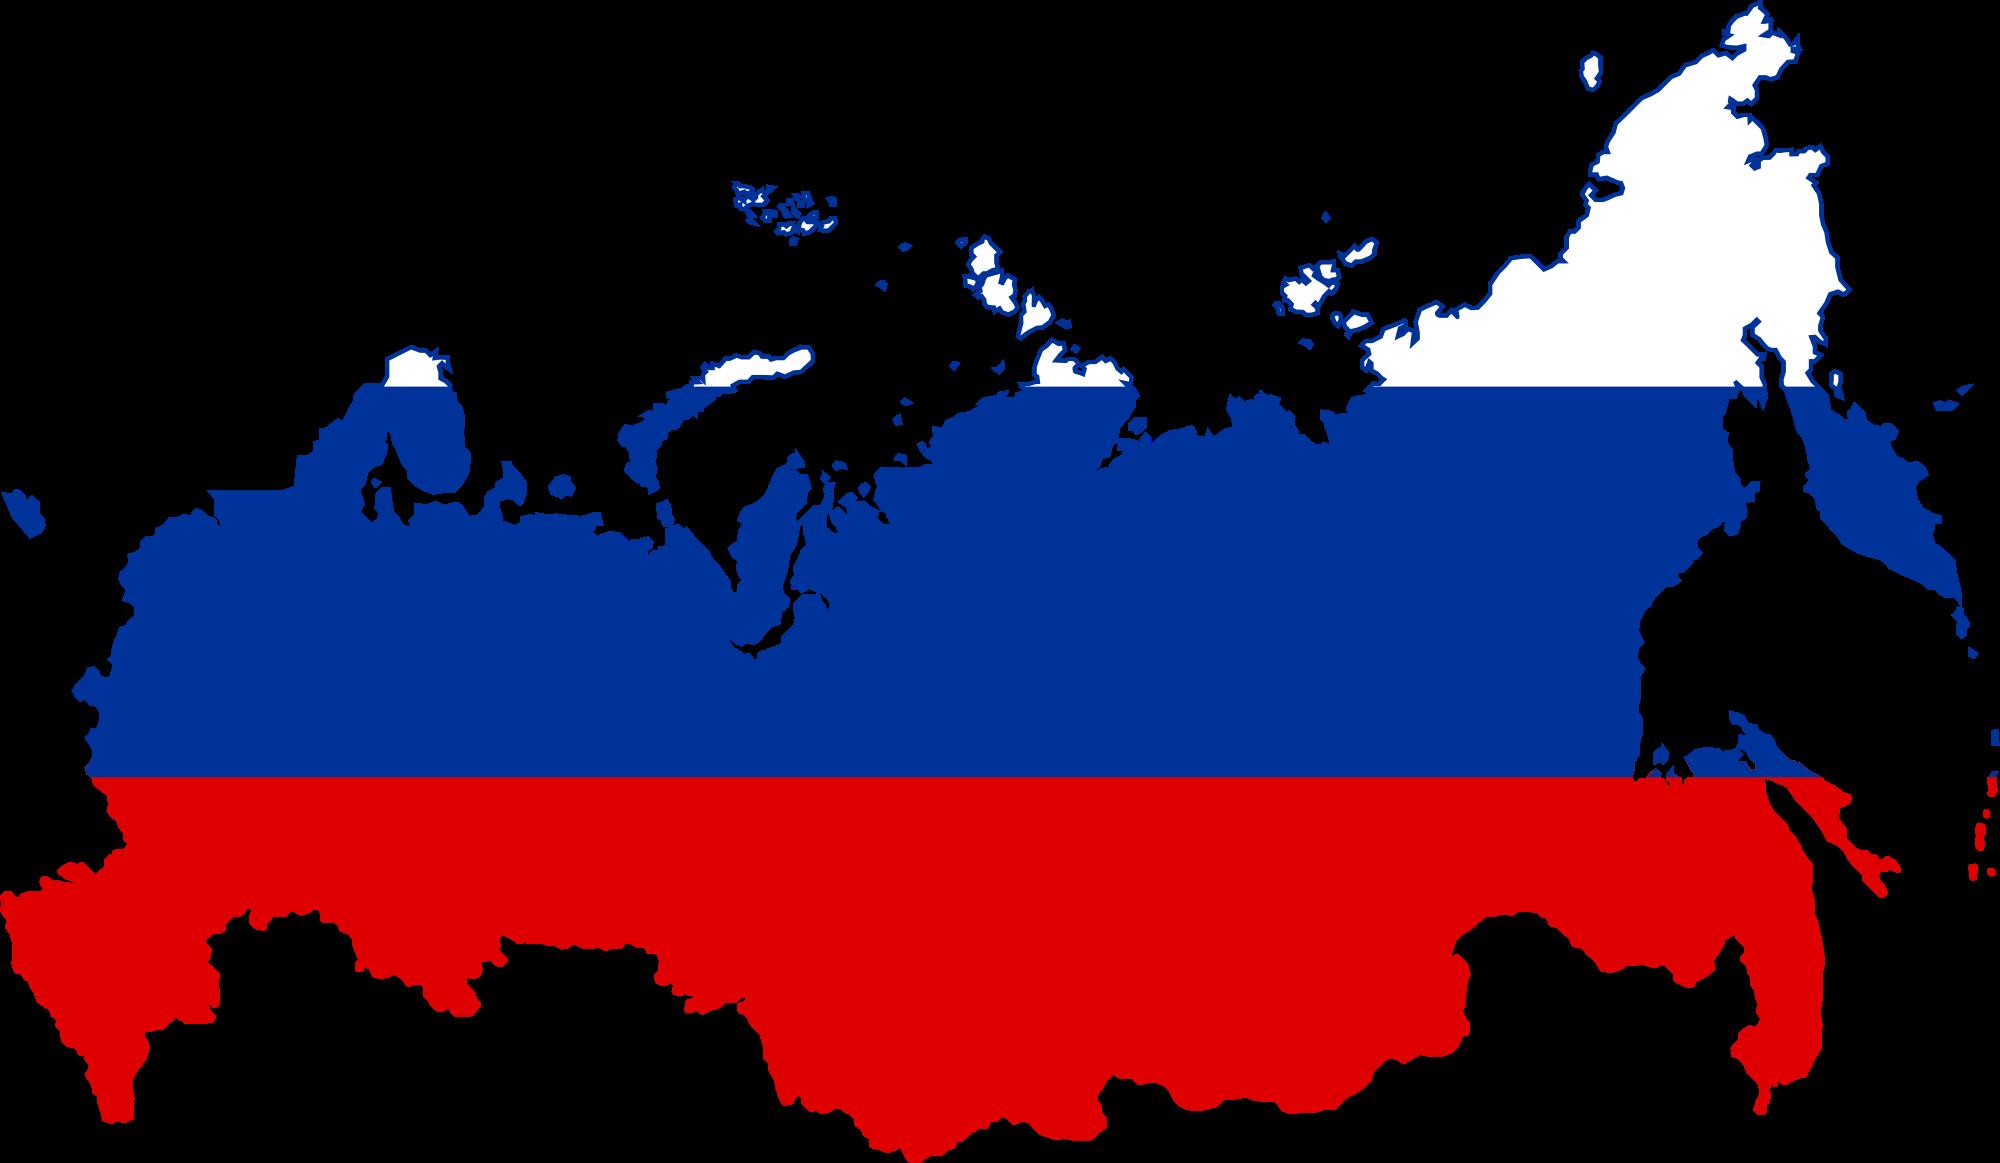 ارسال به روسیه